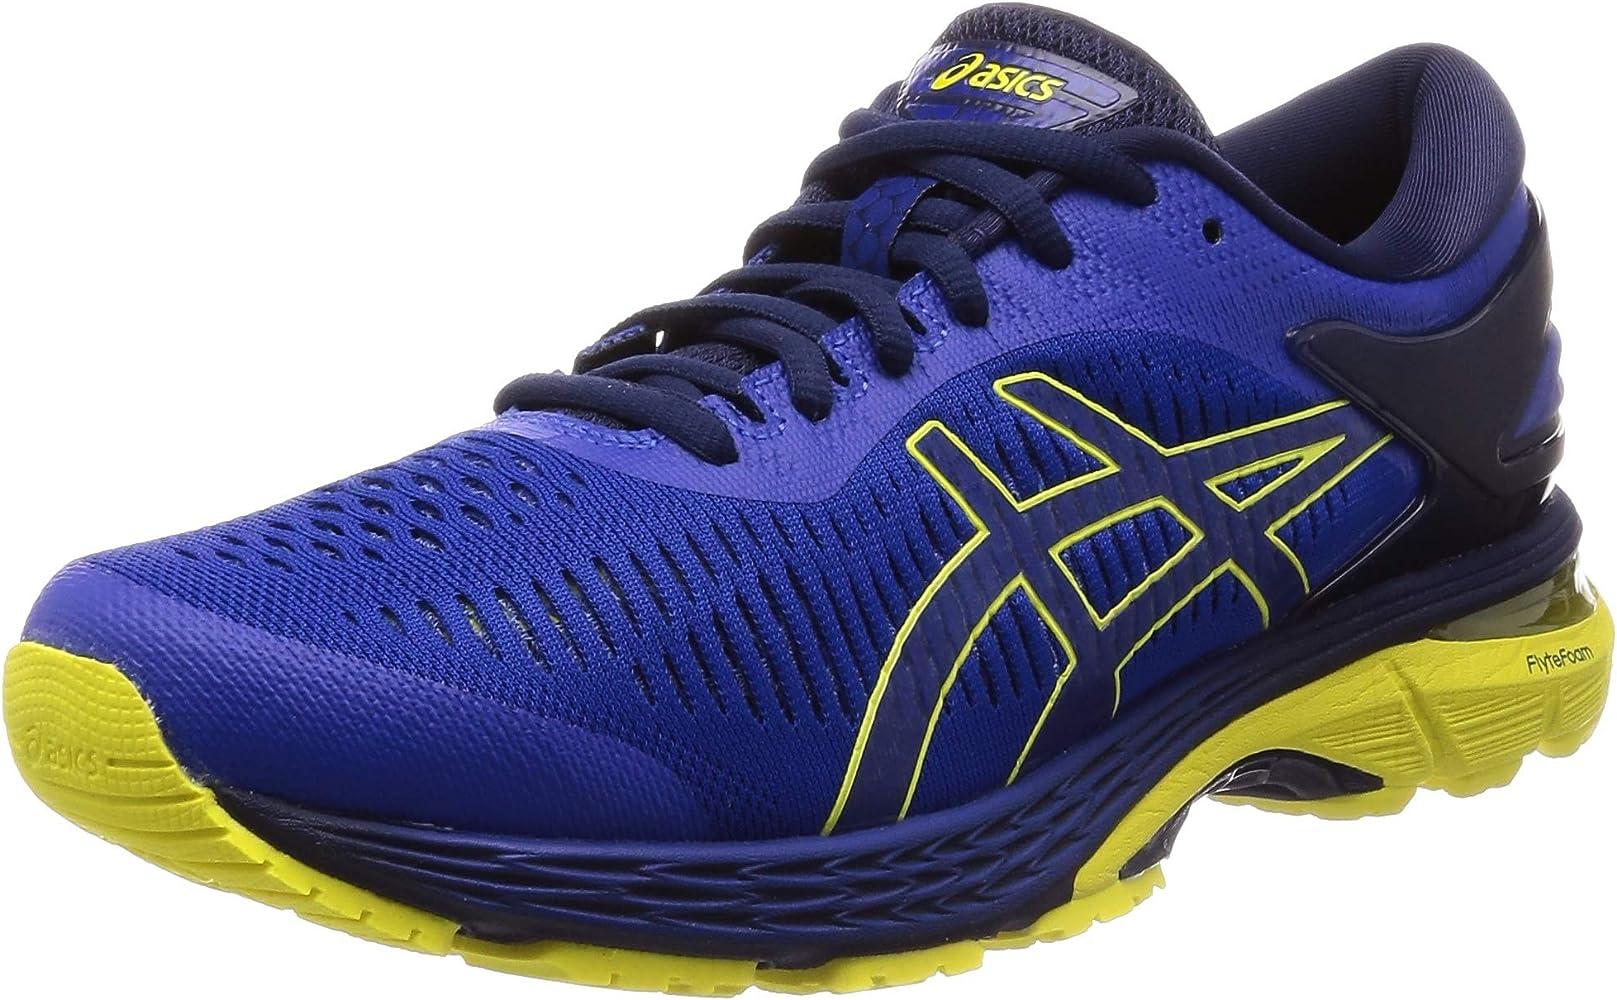 94a93fe67575 Asics Gel-Kayano 25, Chaussures de Running Homme, Bleu Blue/Lemon Spark